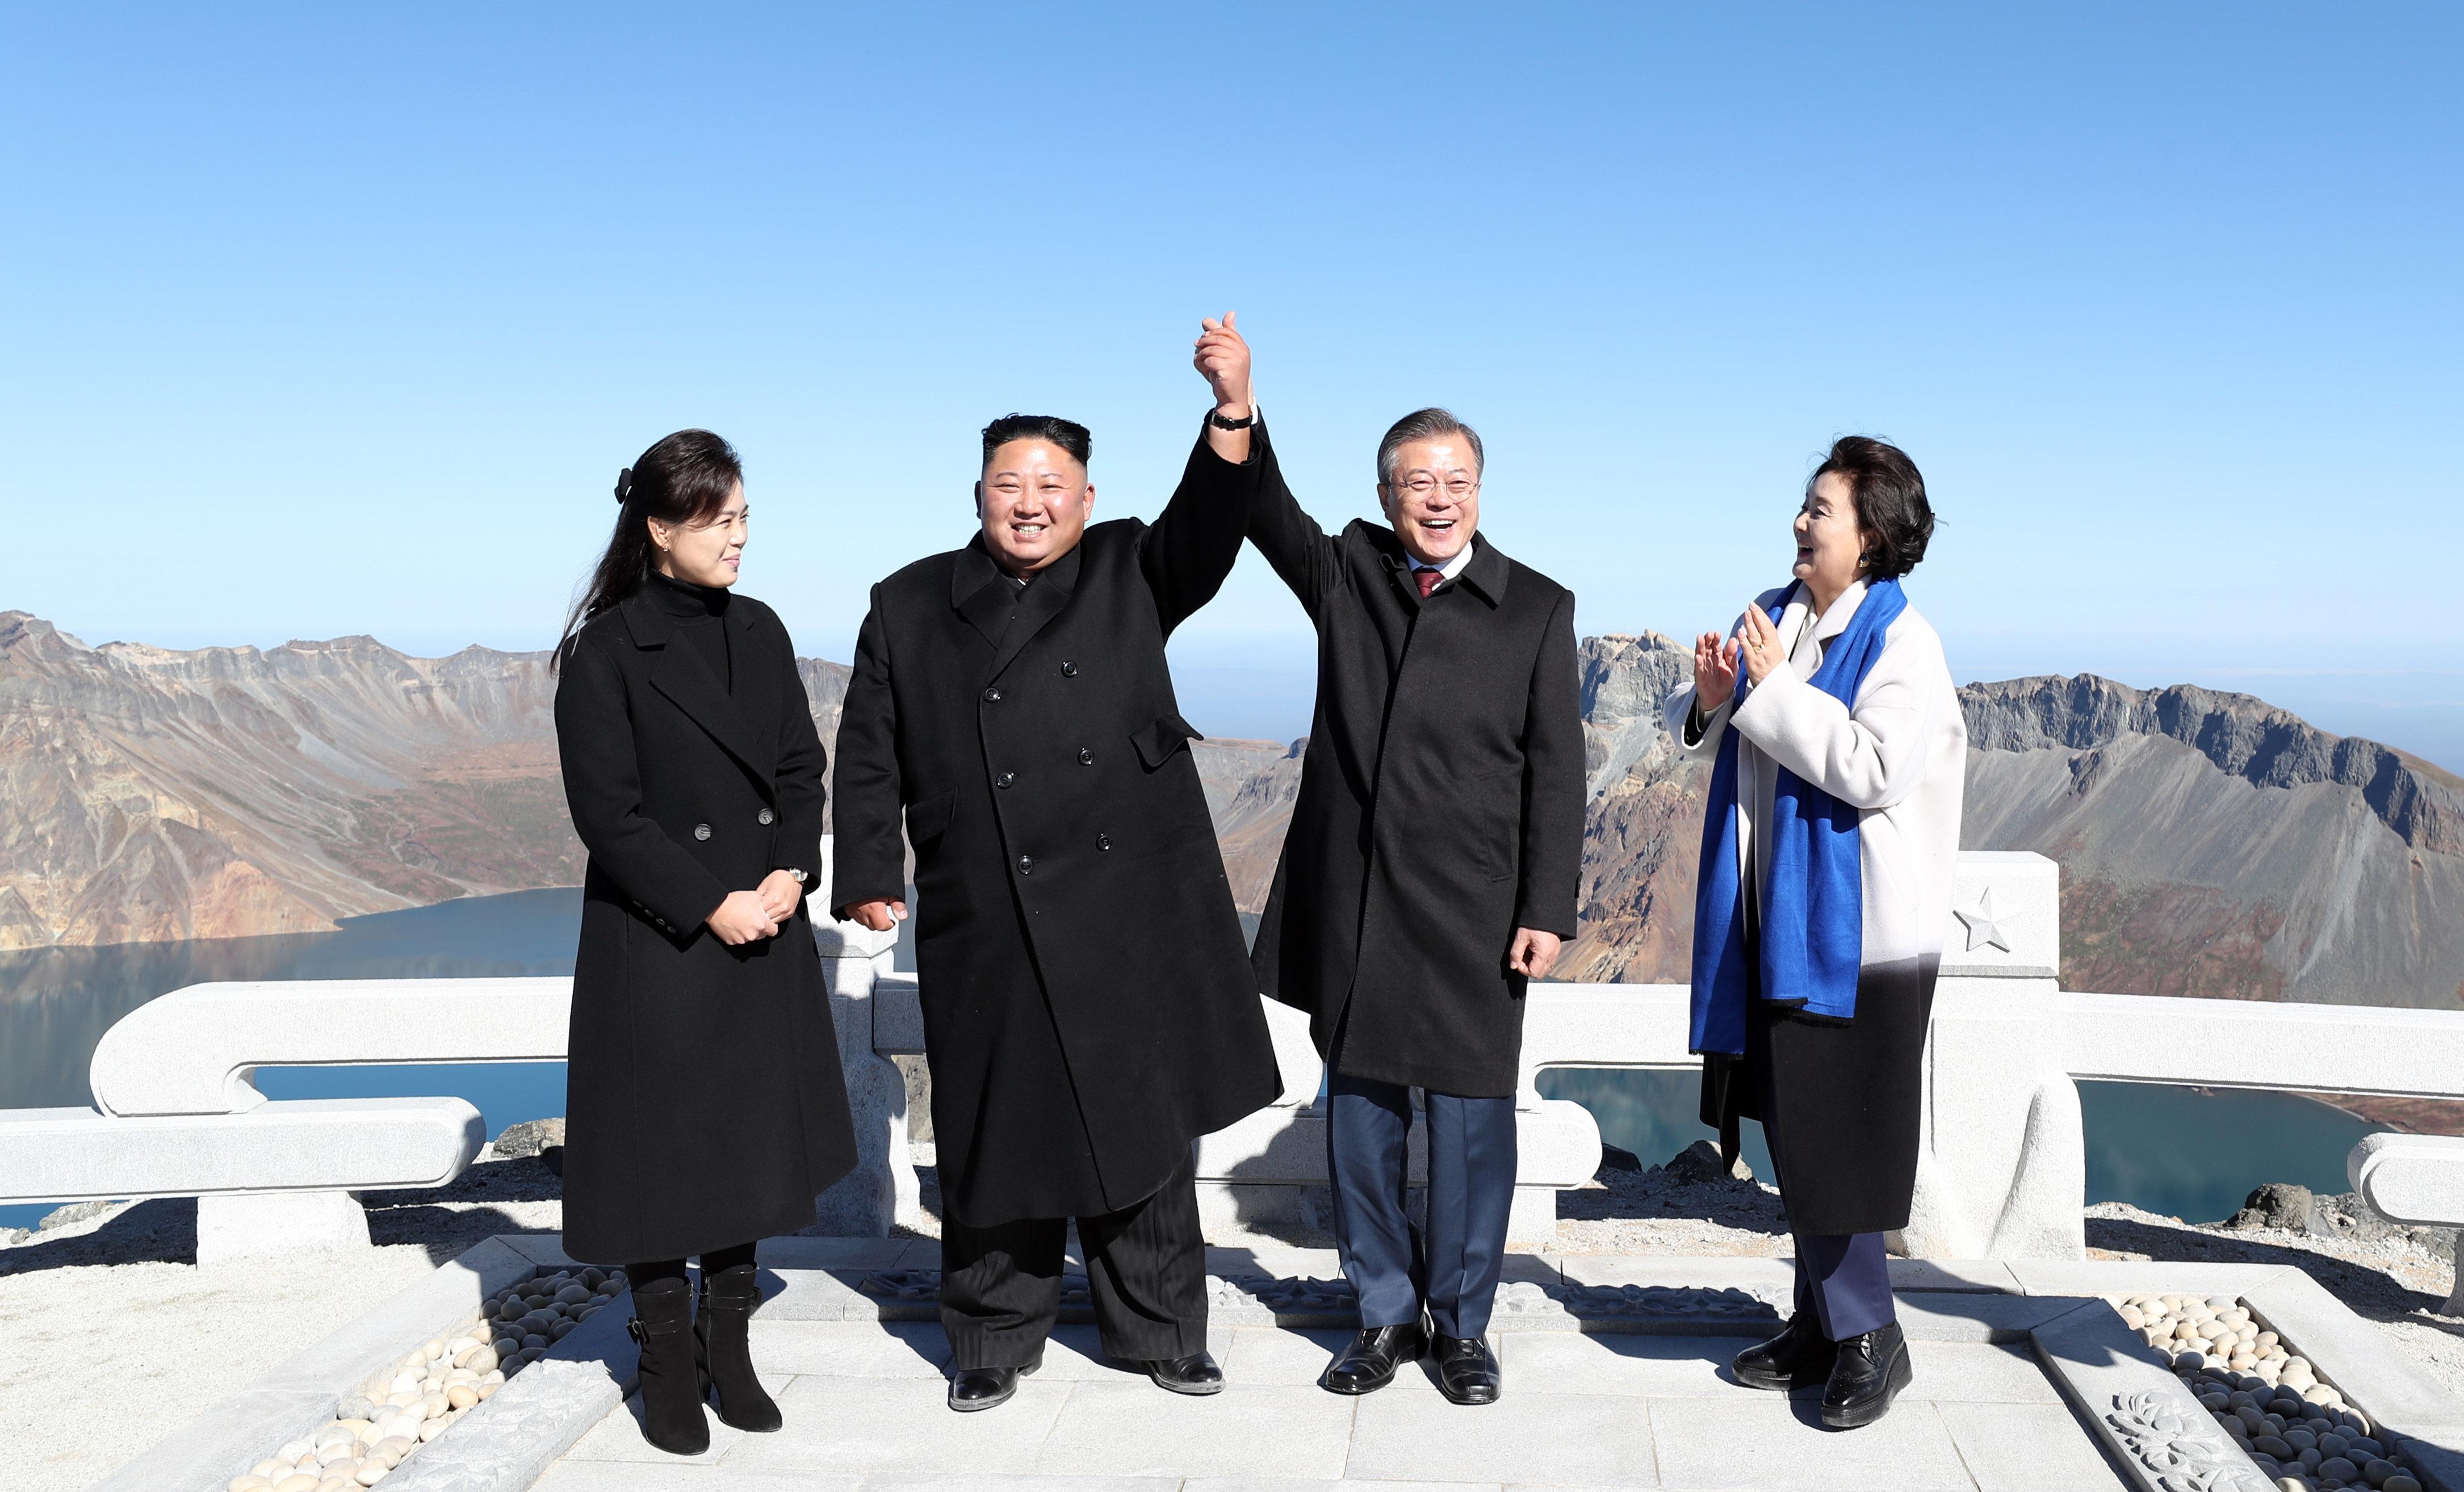 문재인 대통령과 김정은 위원장이 함께 백두산 천지에